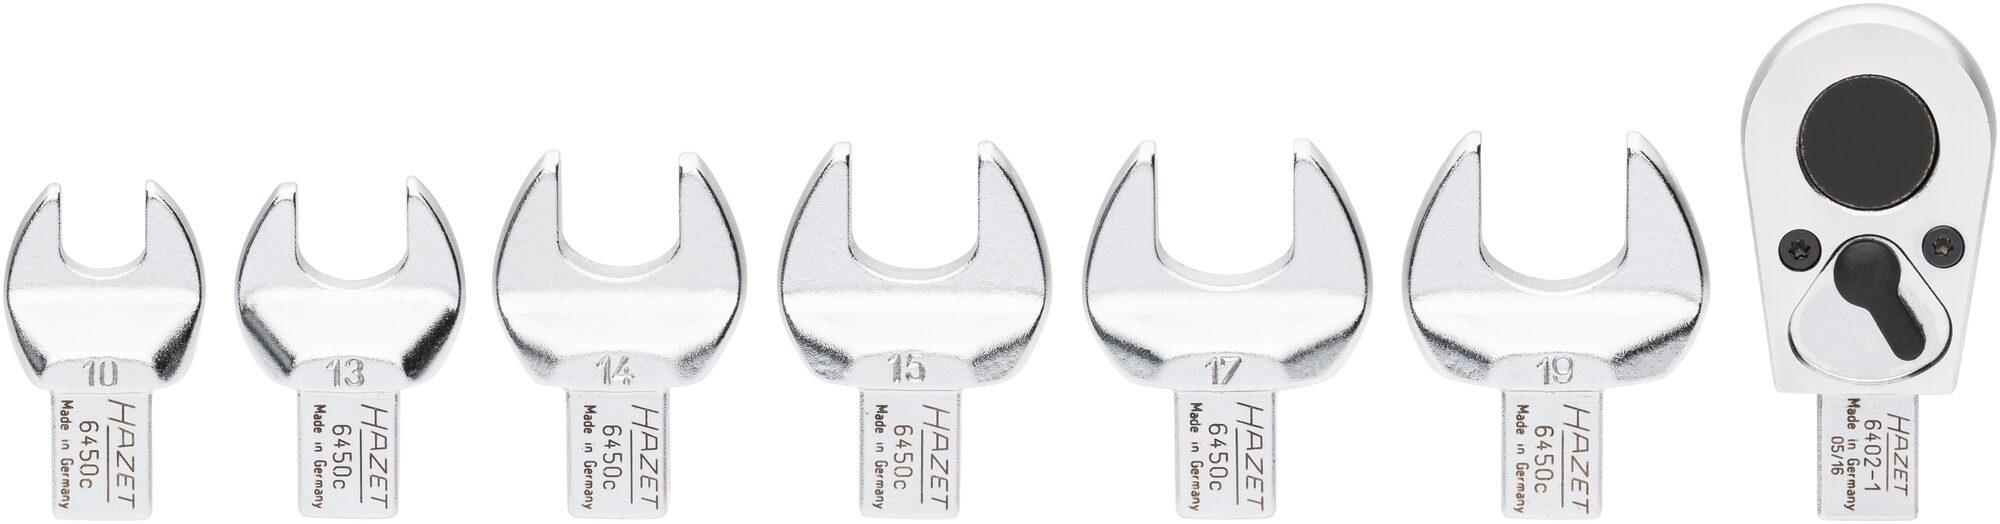 HAZET Einsteck-Werkzeug Satz 6450C/7 ∙ Einsteck-Vierkant 9 x 12 mm ∙ Anzahl Werkzeuge: 7